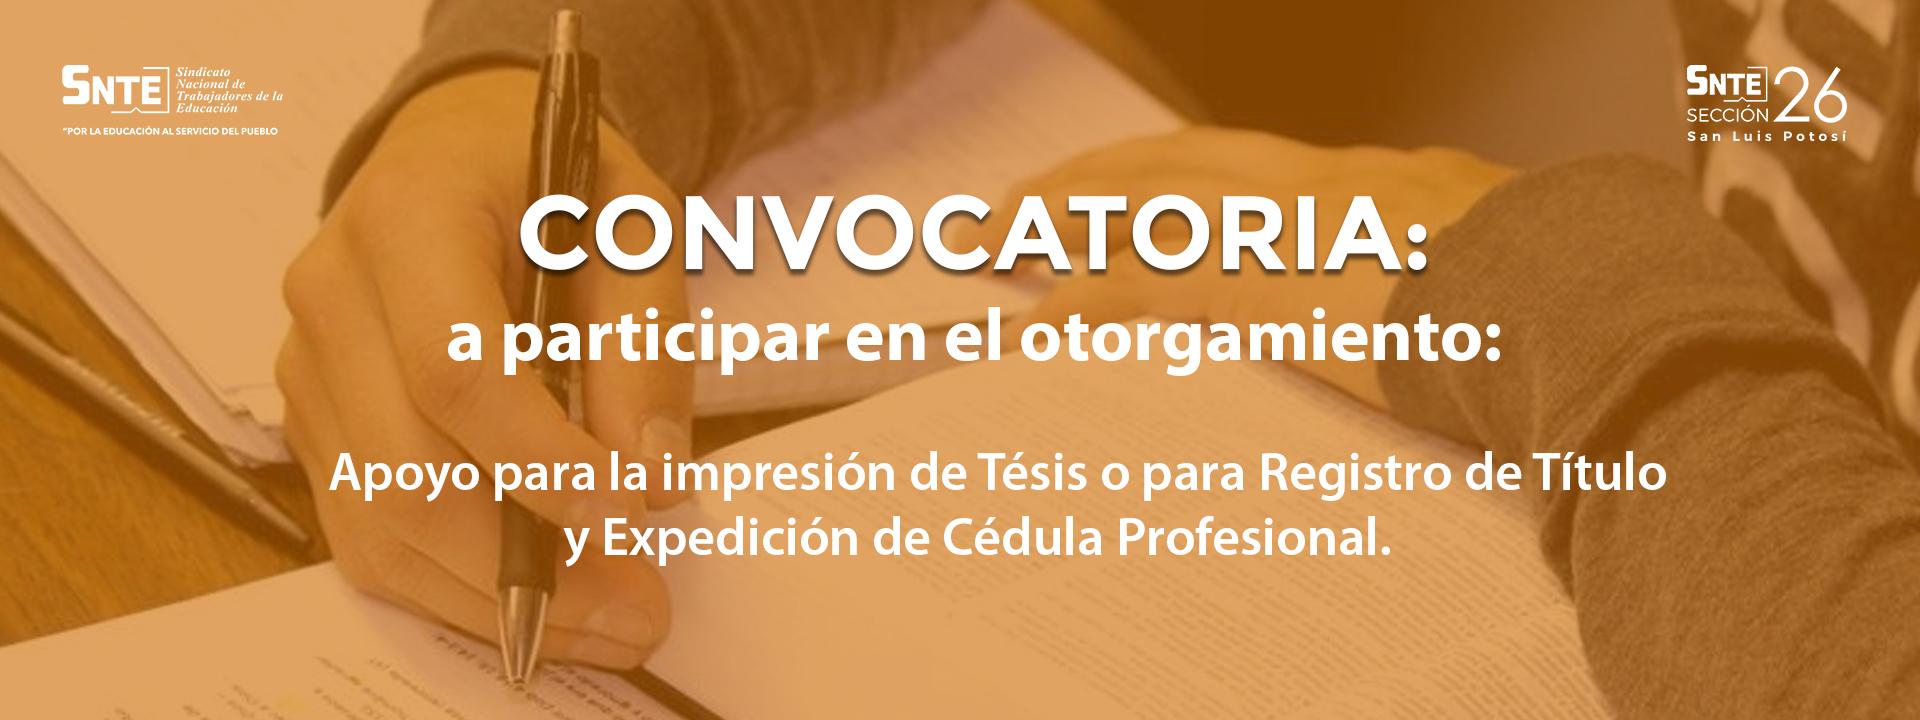 Convocatoria: Apoyo para la impresión de Tesis o para Registro de Título y Expedición de Cédula Profesional